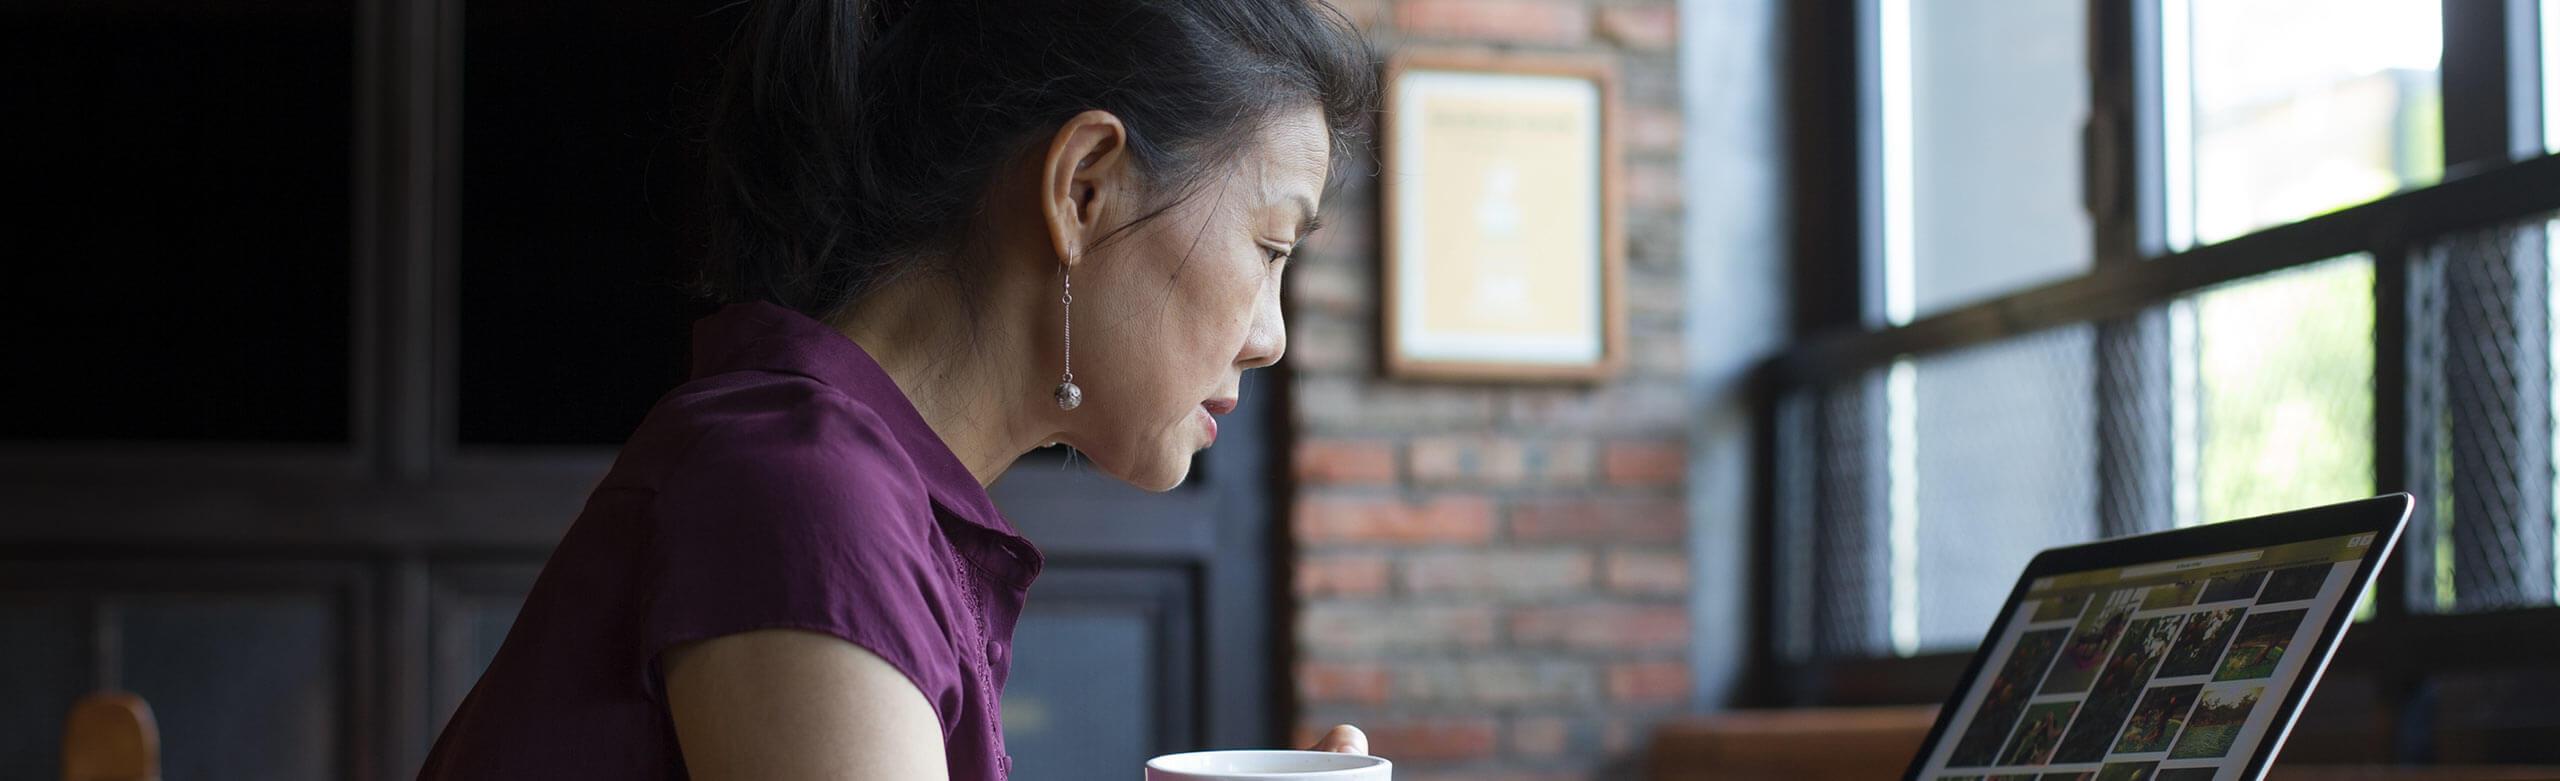 在用筆電工作時喝咖啡的女人